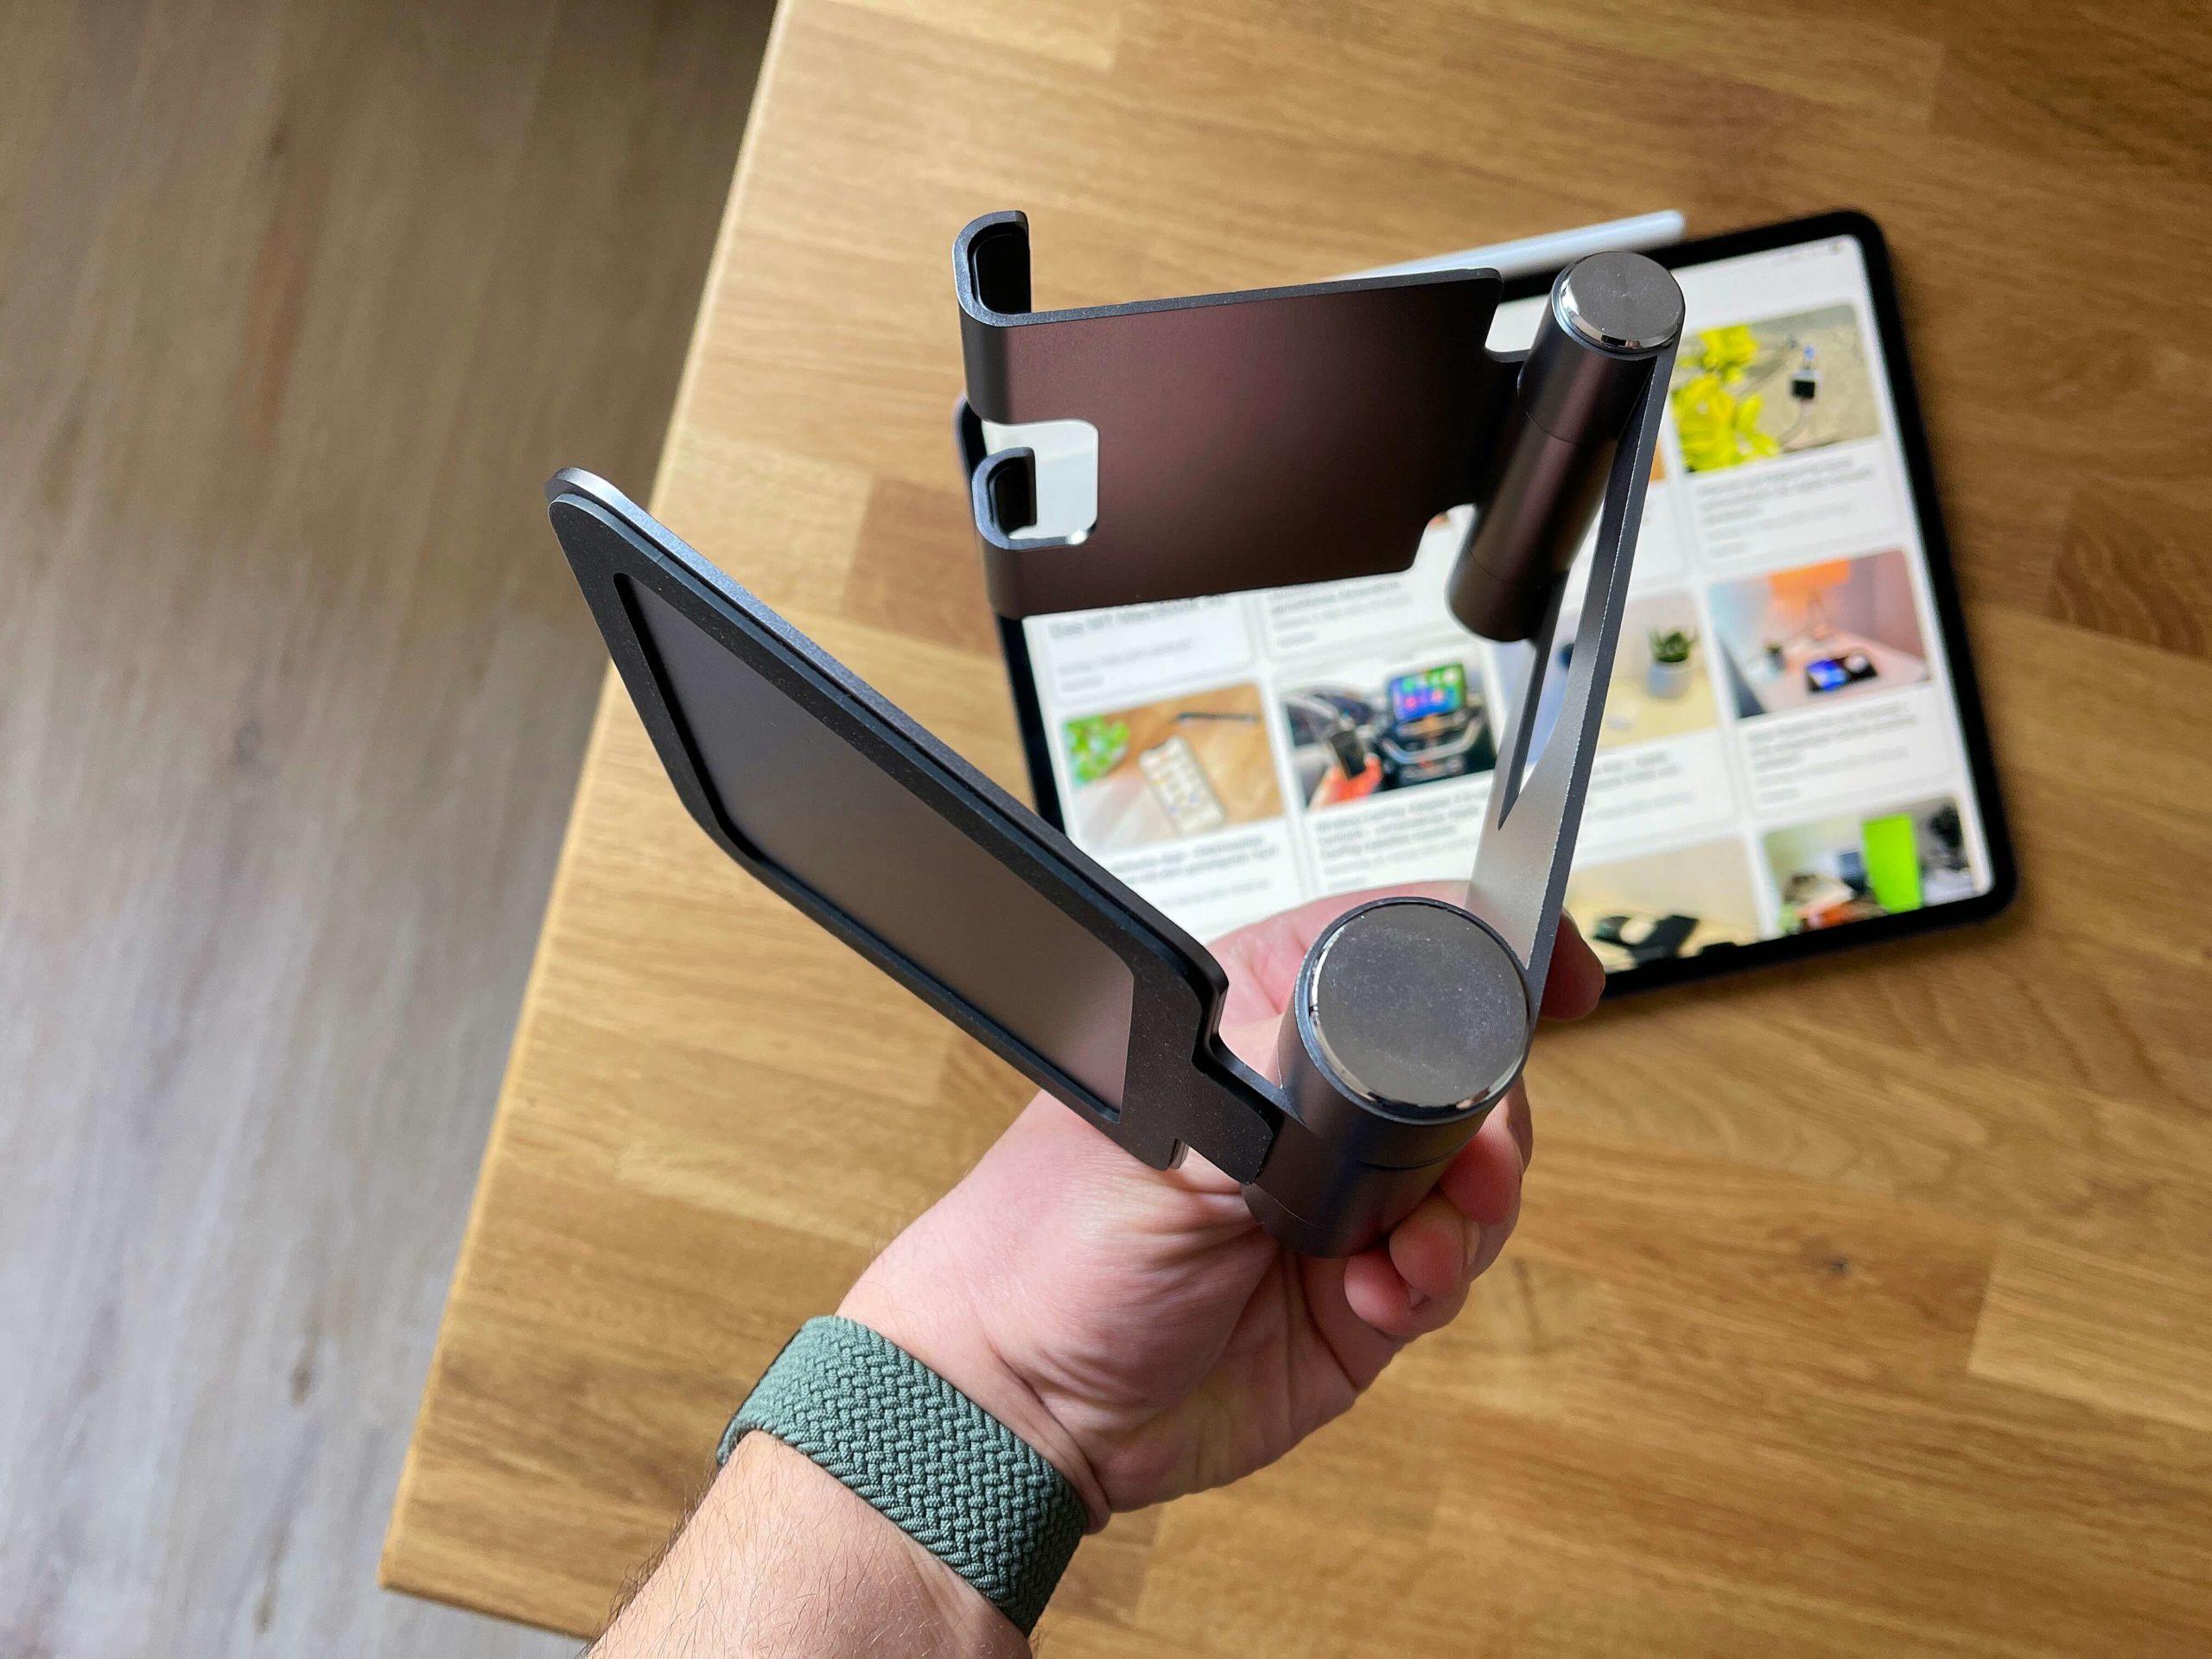 Klappbarer-Tablet-Staender-R1-von-Satechi-das-iPad-immer-korrekt-aufgestellt4-scaled Klappbarer Tablet-Ständer R1 von Satechi - das iPad immer korrekt aufgestellt